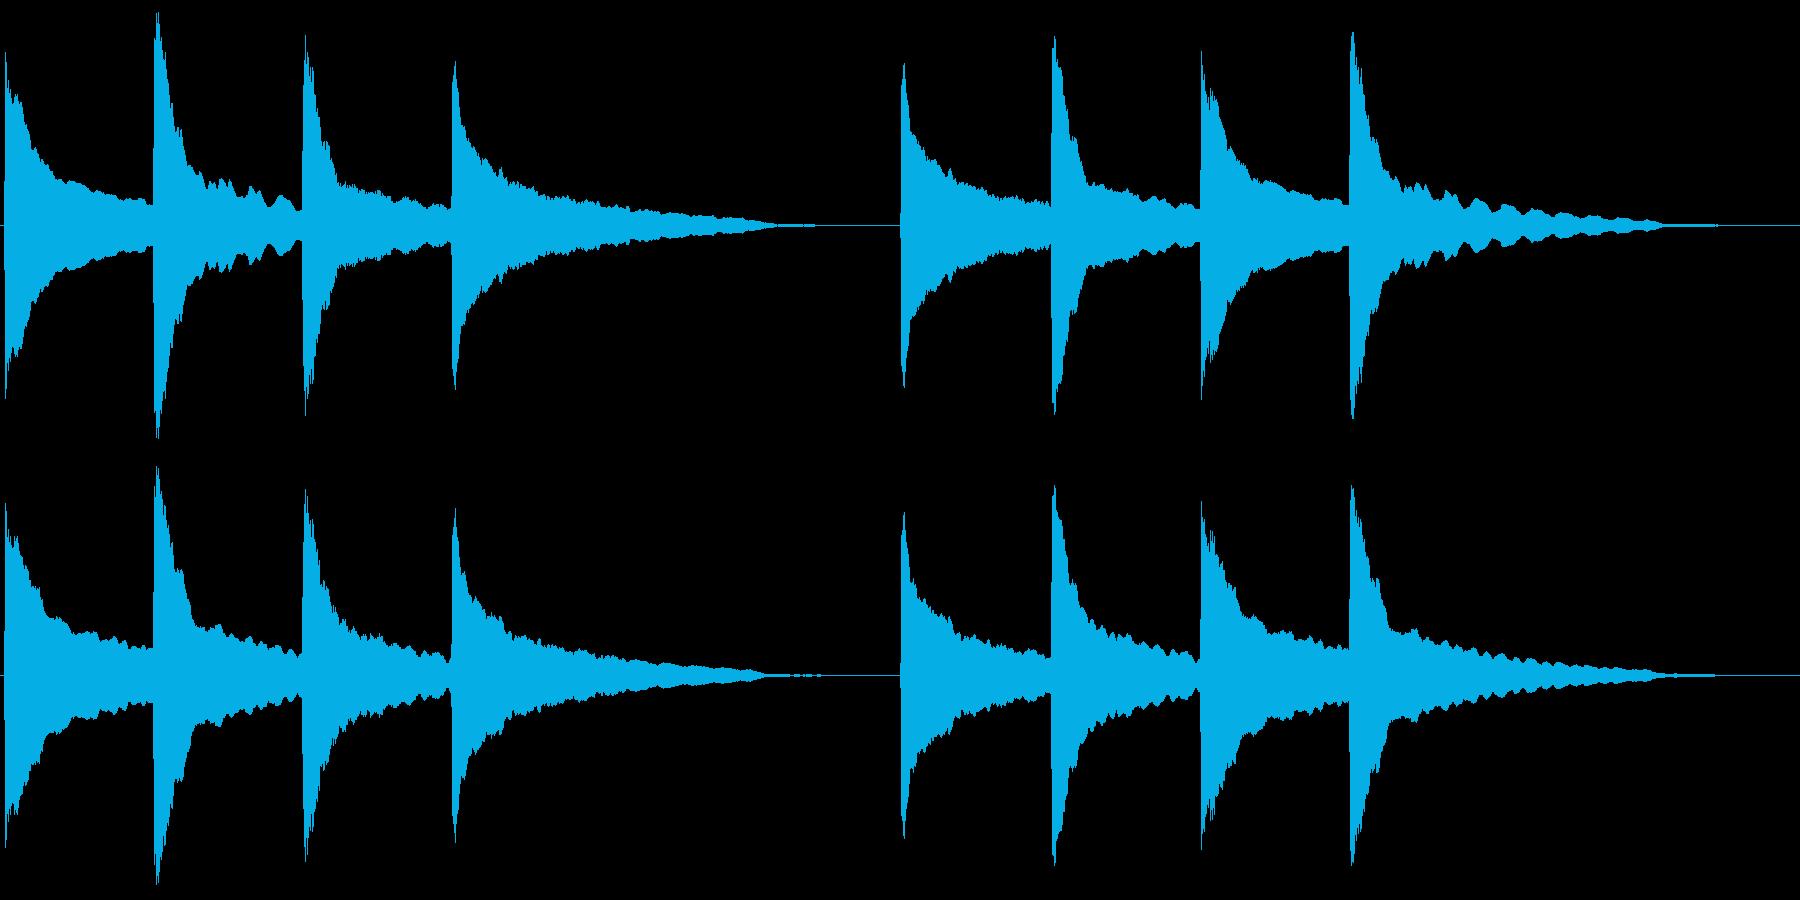 ピンポンパンポン (1)の再生済みの波形